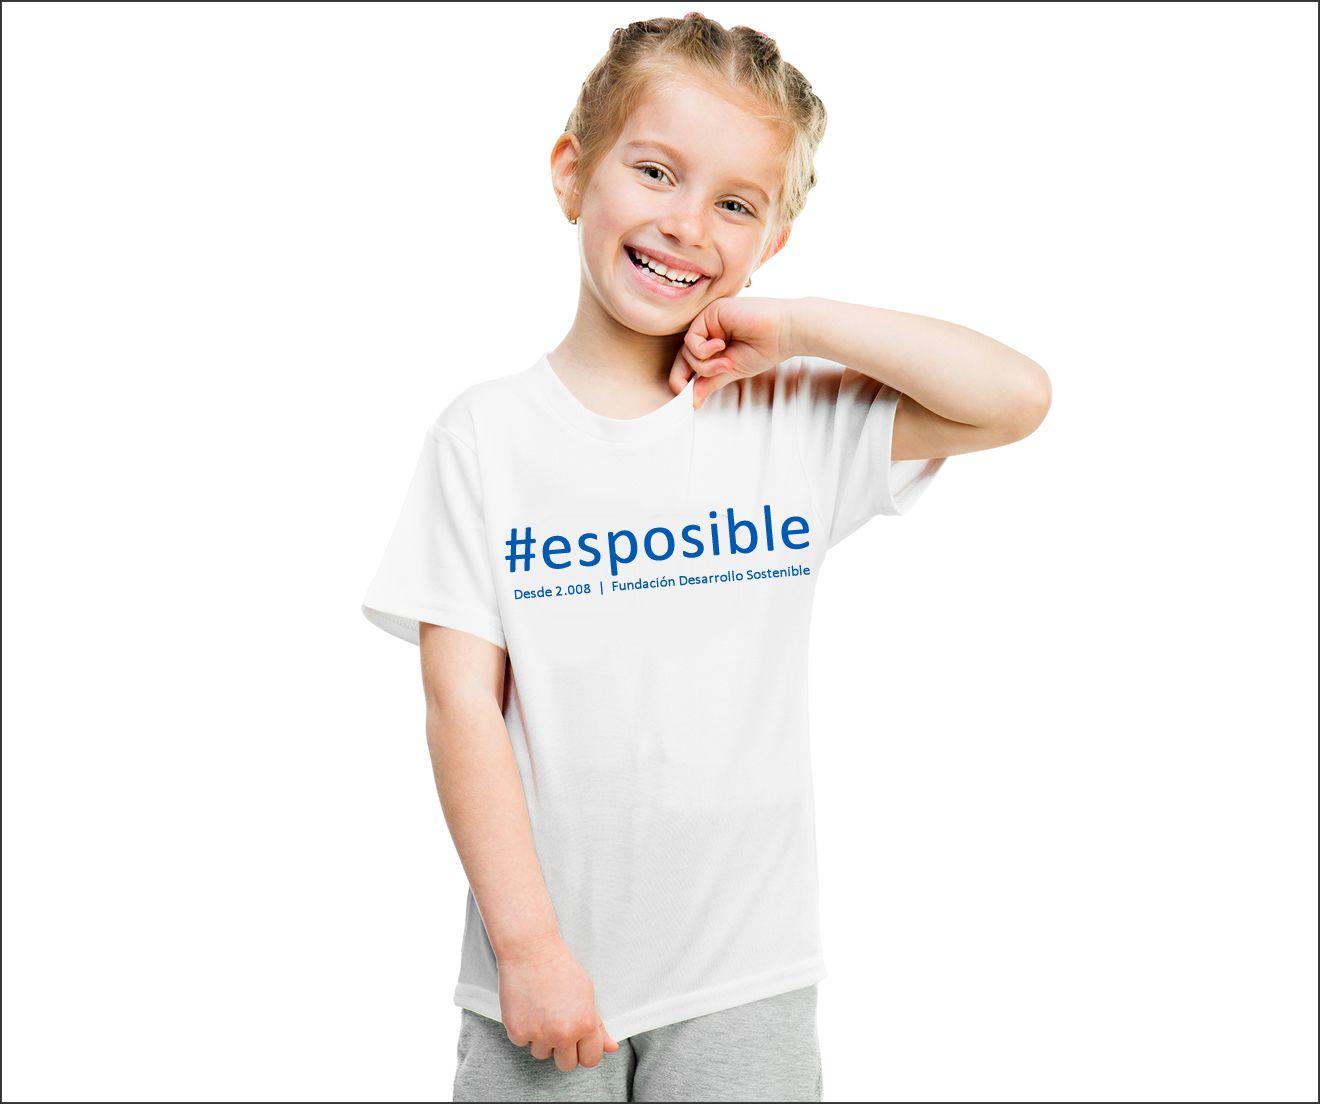 camisetaeconina - Camiseta Ecológica